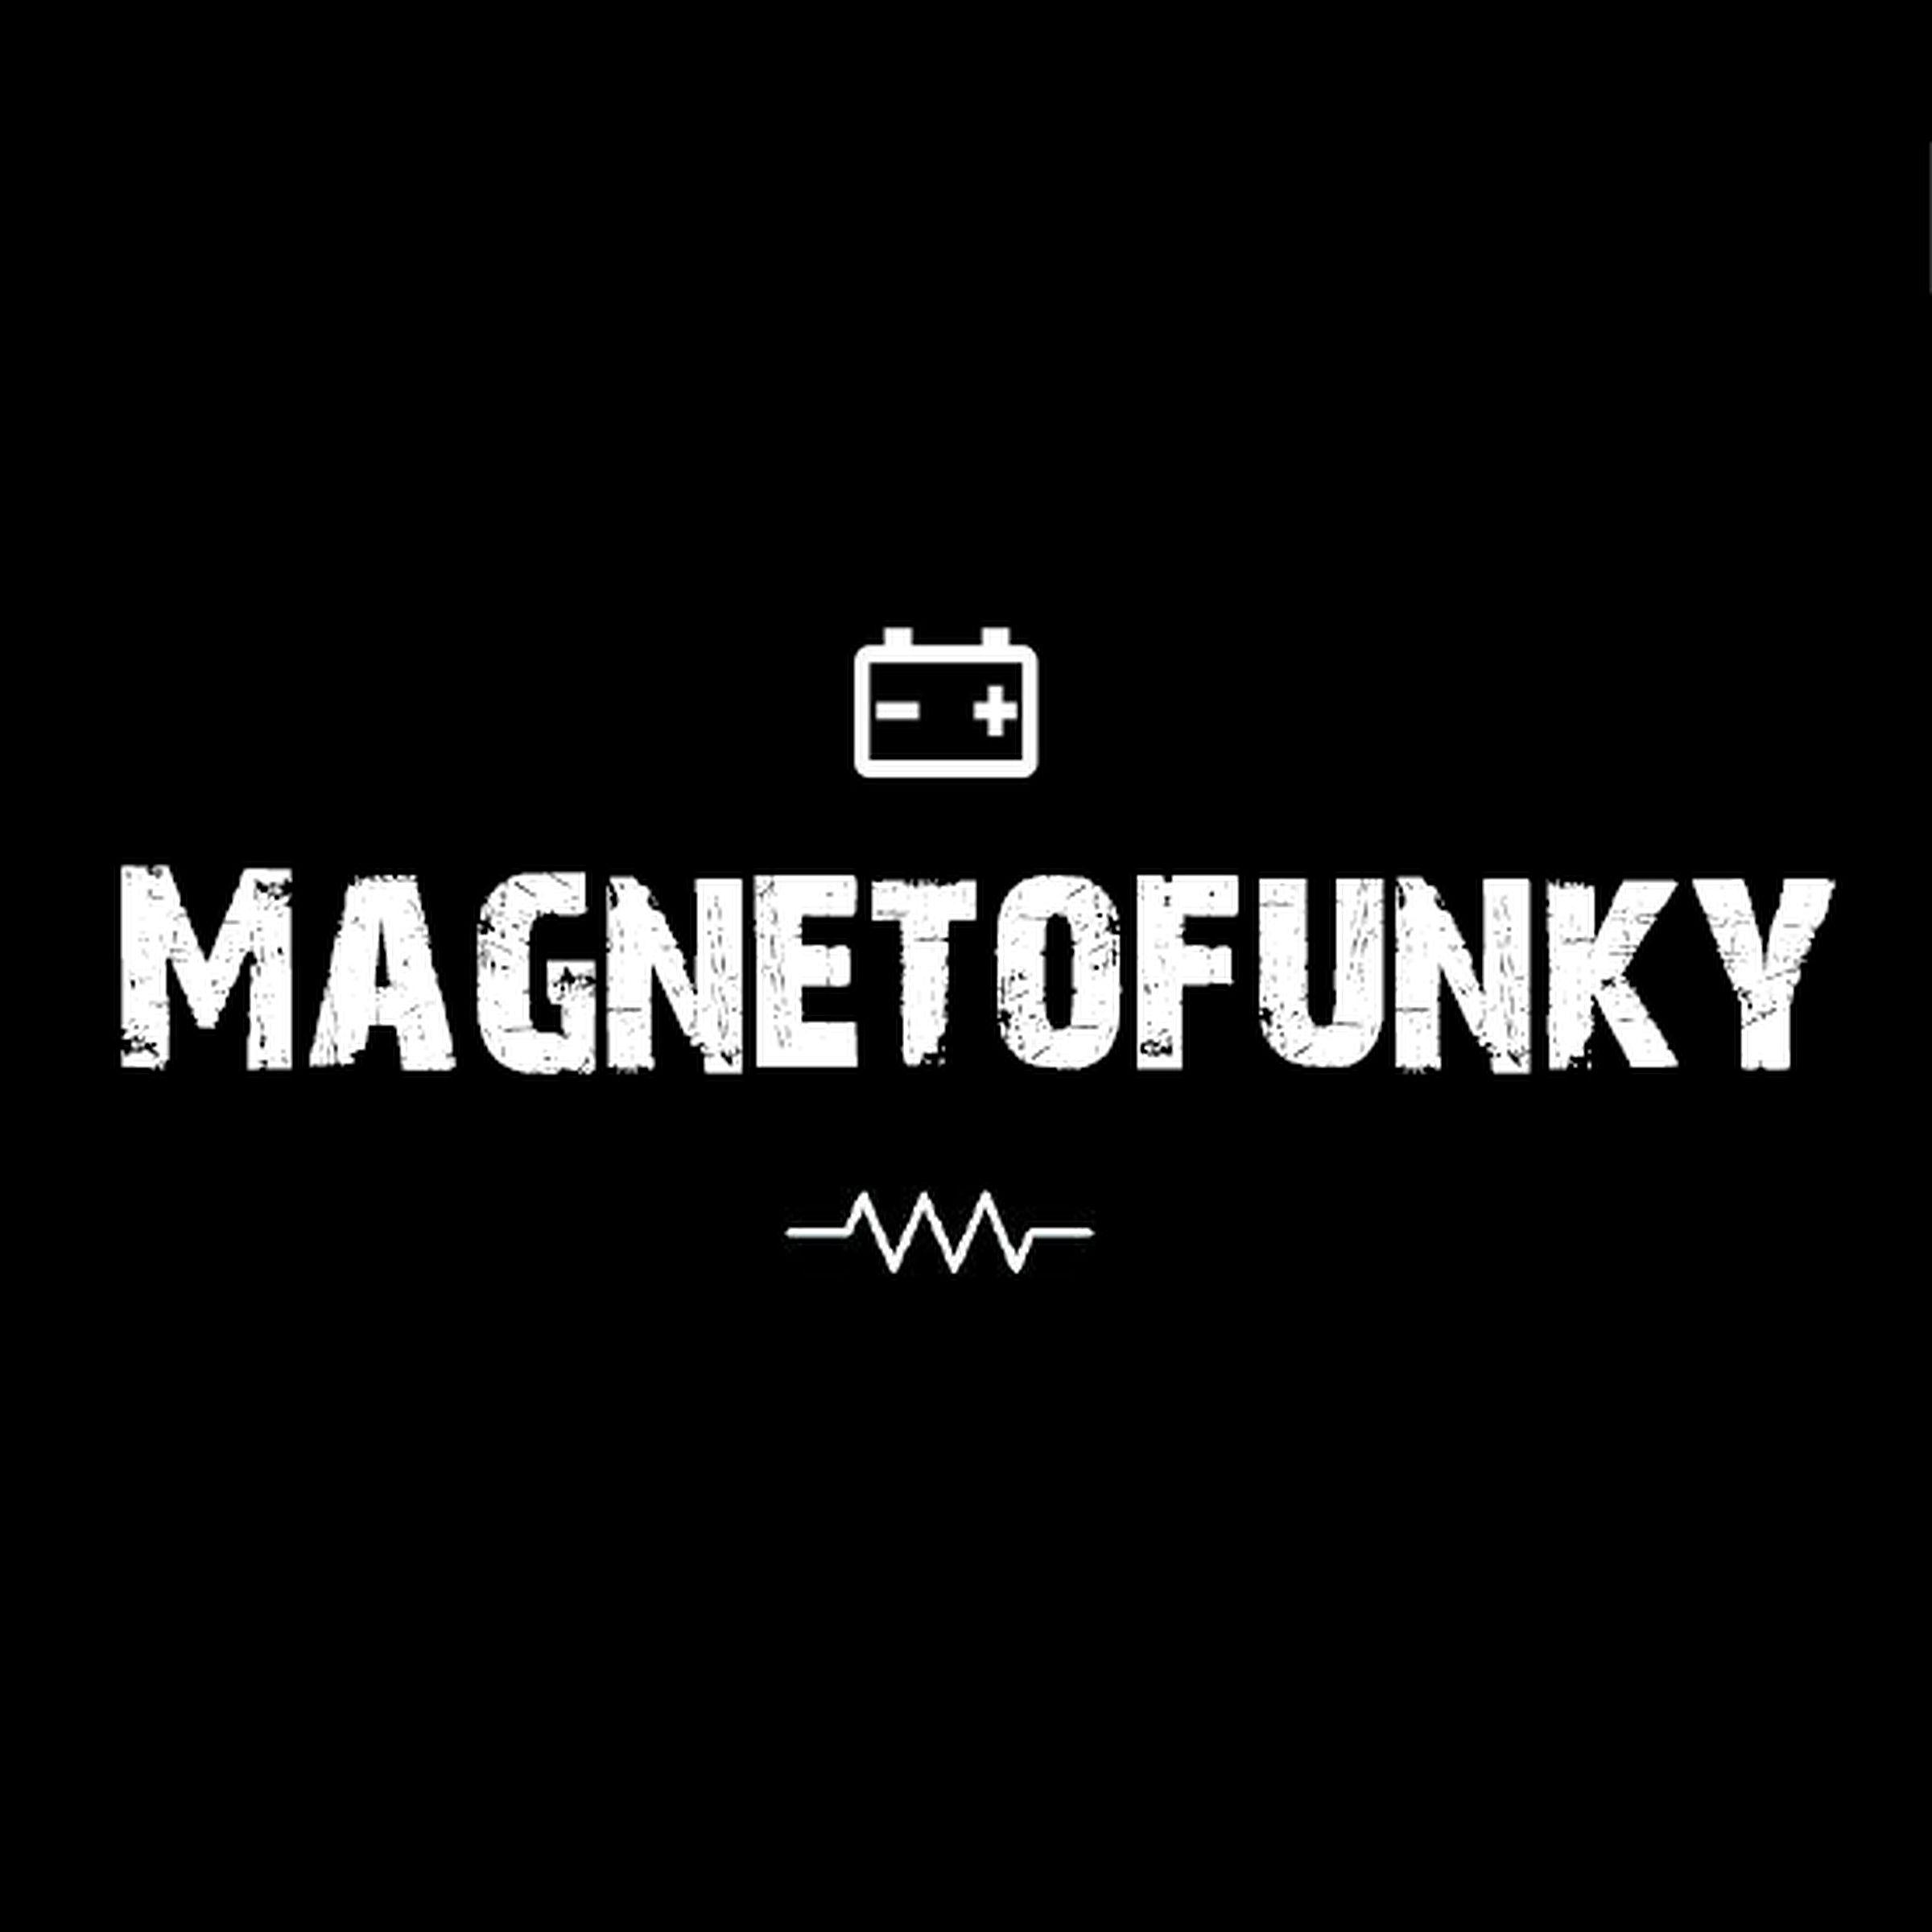 Magnetofunky